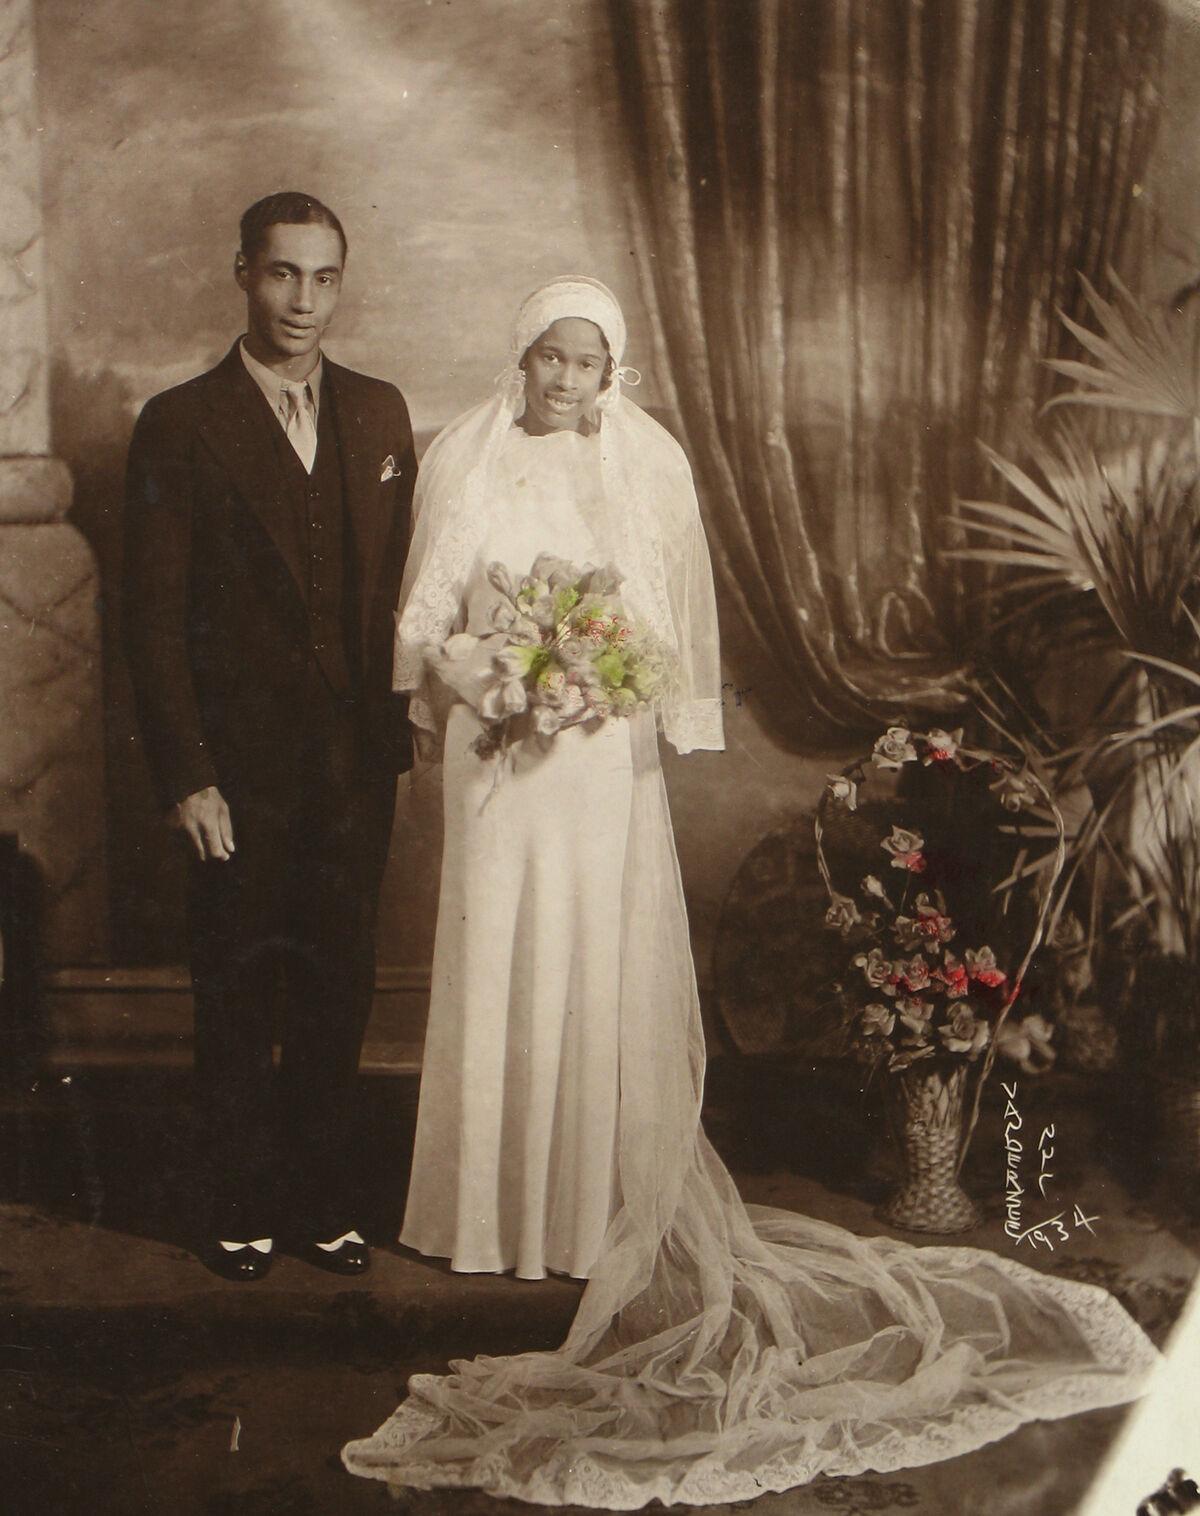 James Van Der Zee, Wedding Couple, 1934. © Donna Mussenden Van Der Zee. Courtesy of Howard Greenberg Gallery, New York.